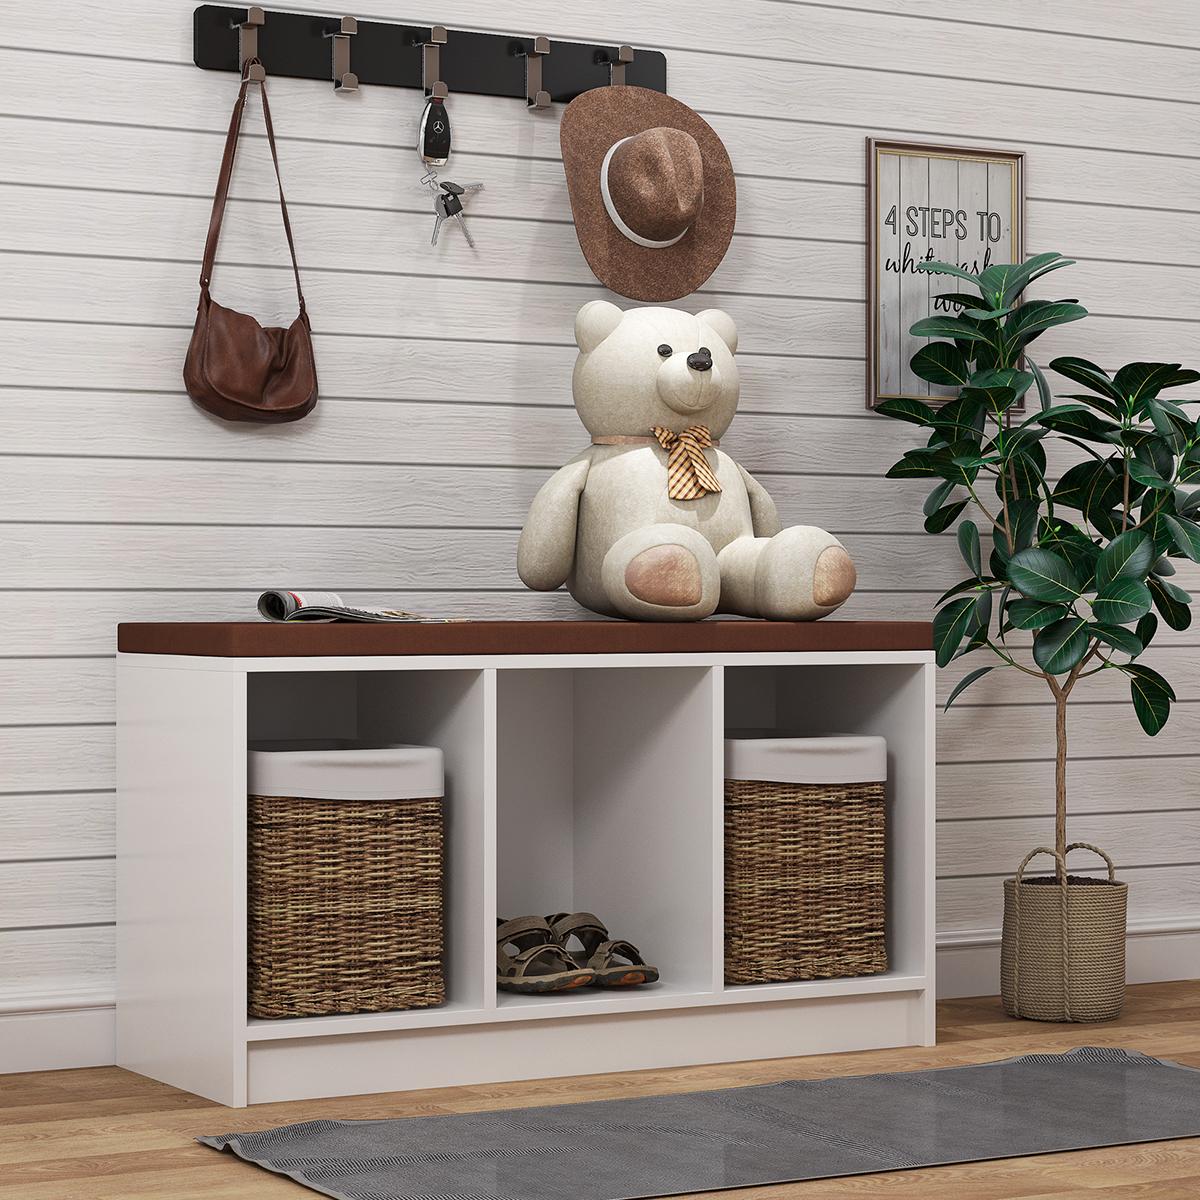 带垫子的鞋凳,3 立方木制储物盒收纳盒,用于鞋子书籍玩具装饰,入口游戏室客厅